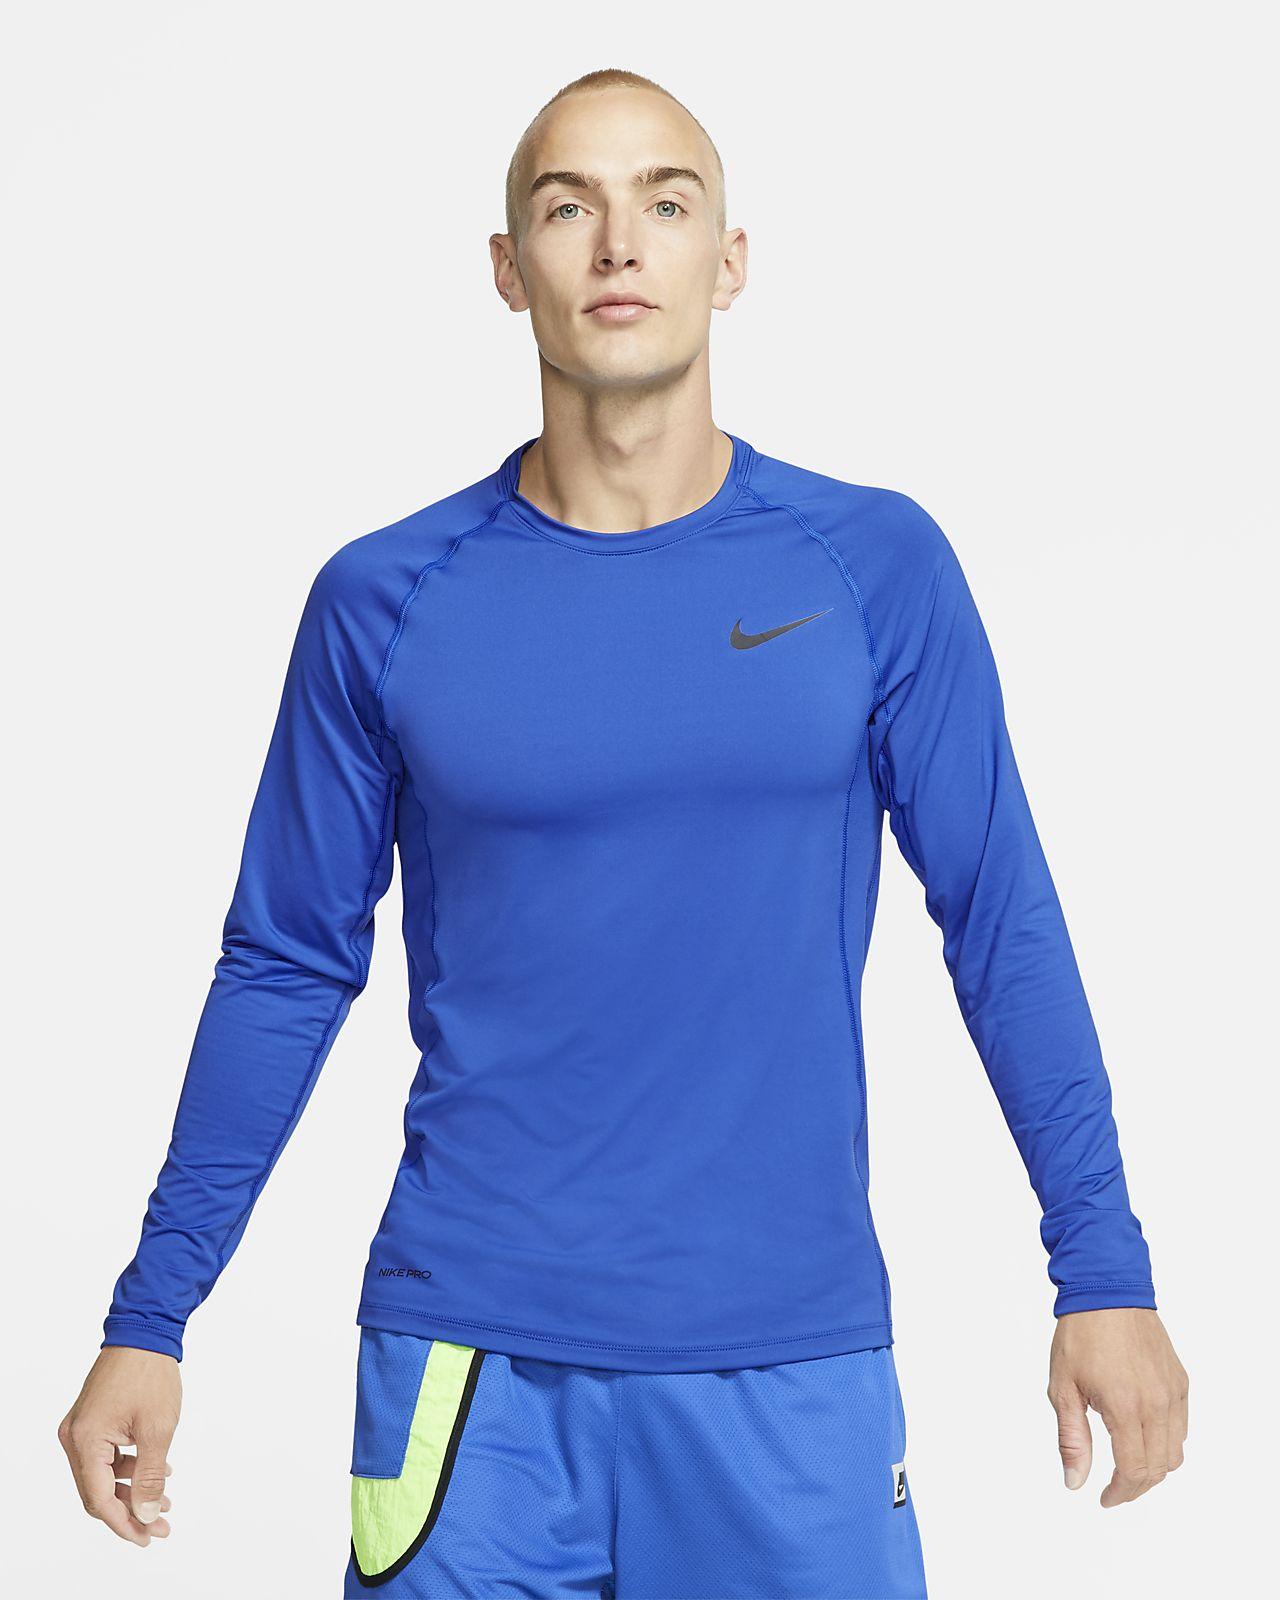 Nike Pro Men's Slim Fit Long-Sleeve Top